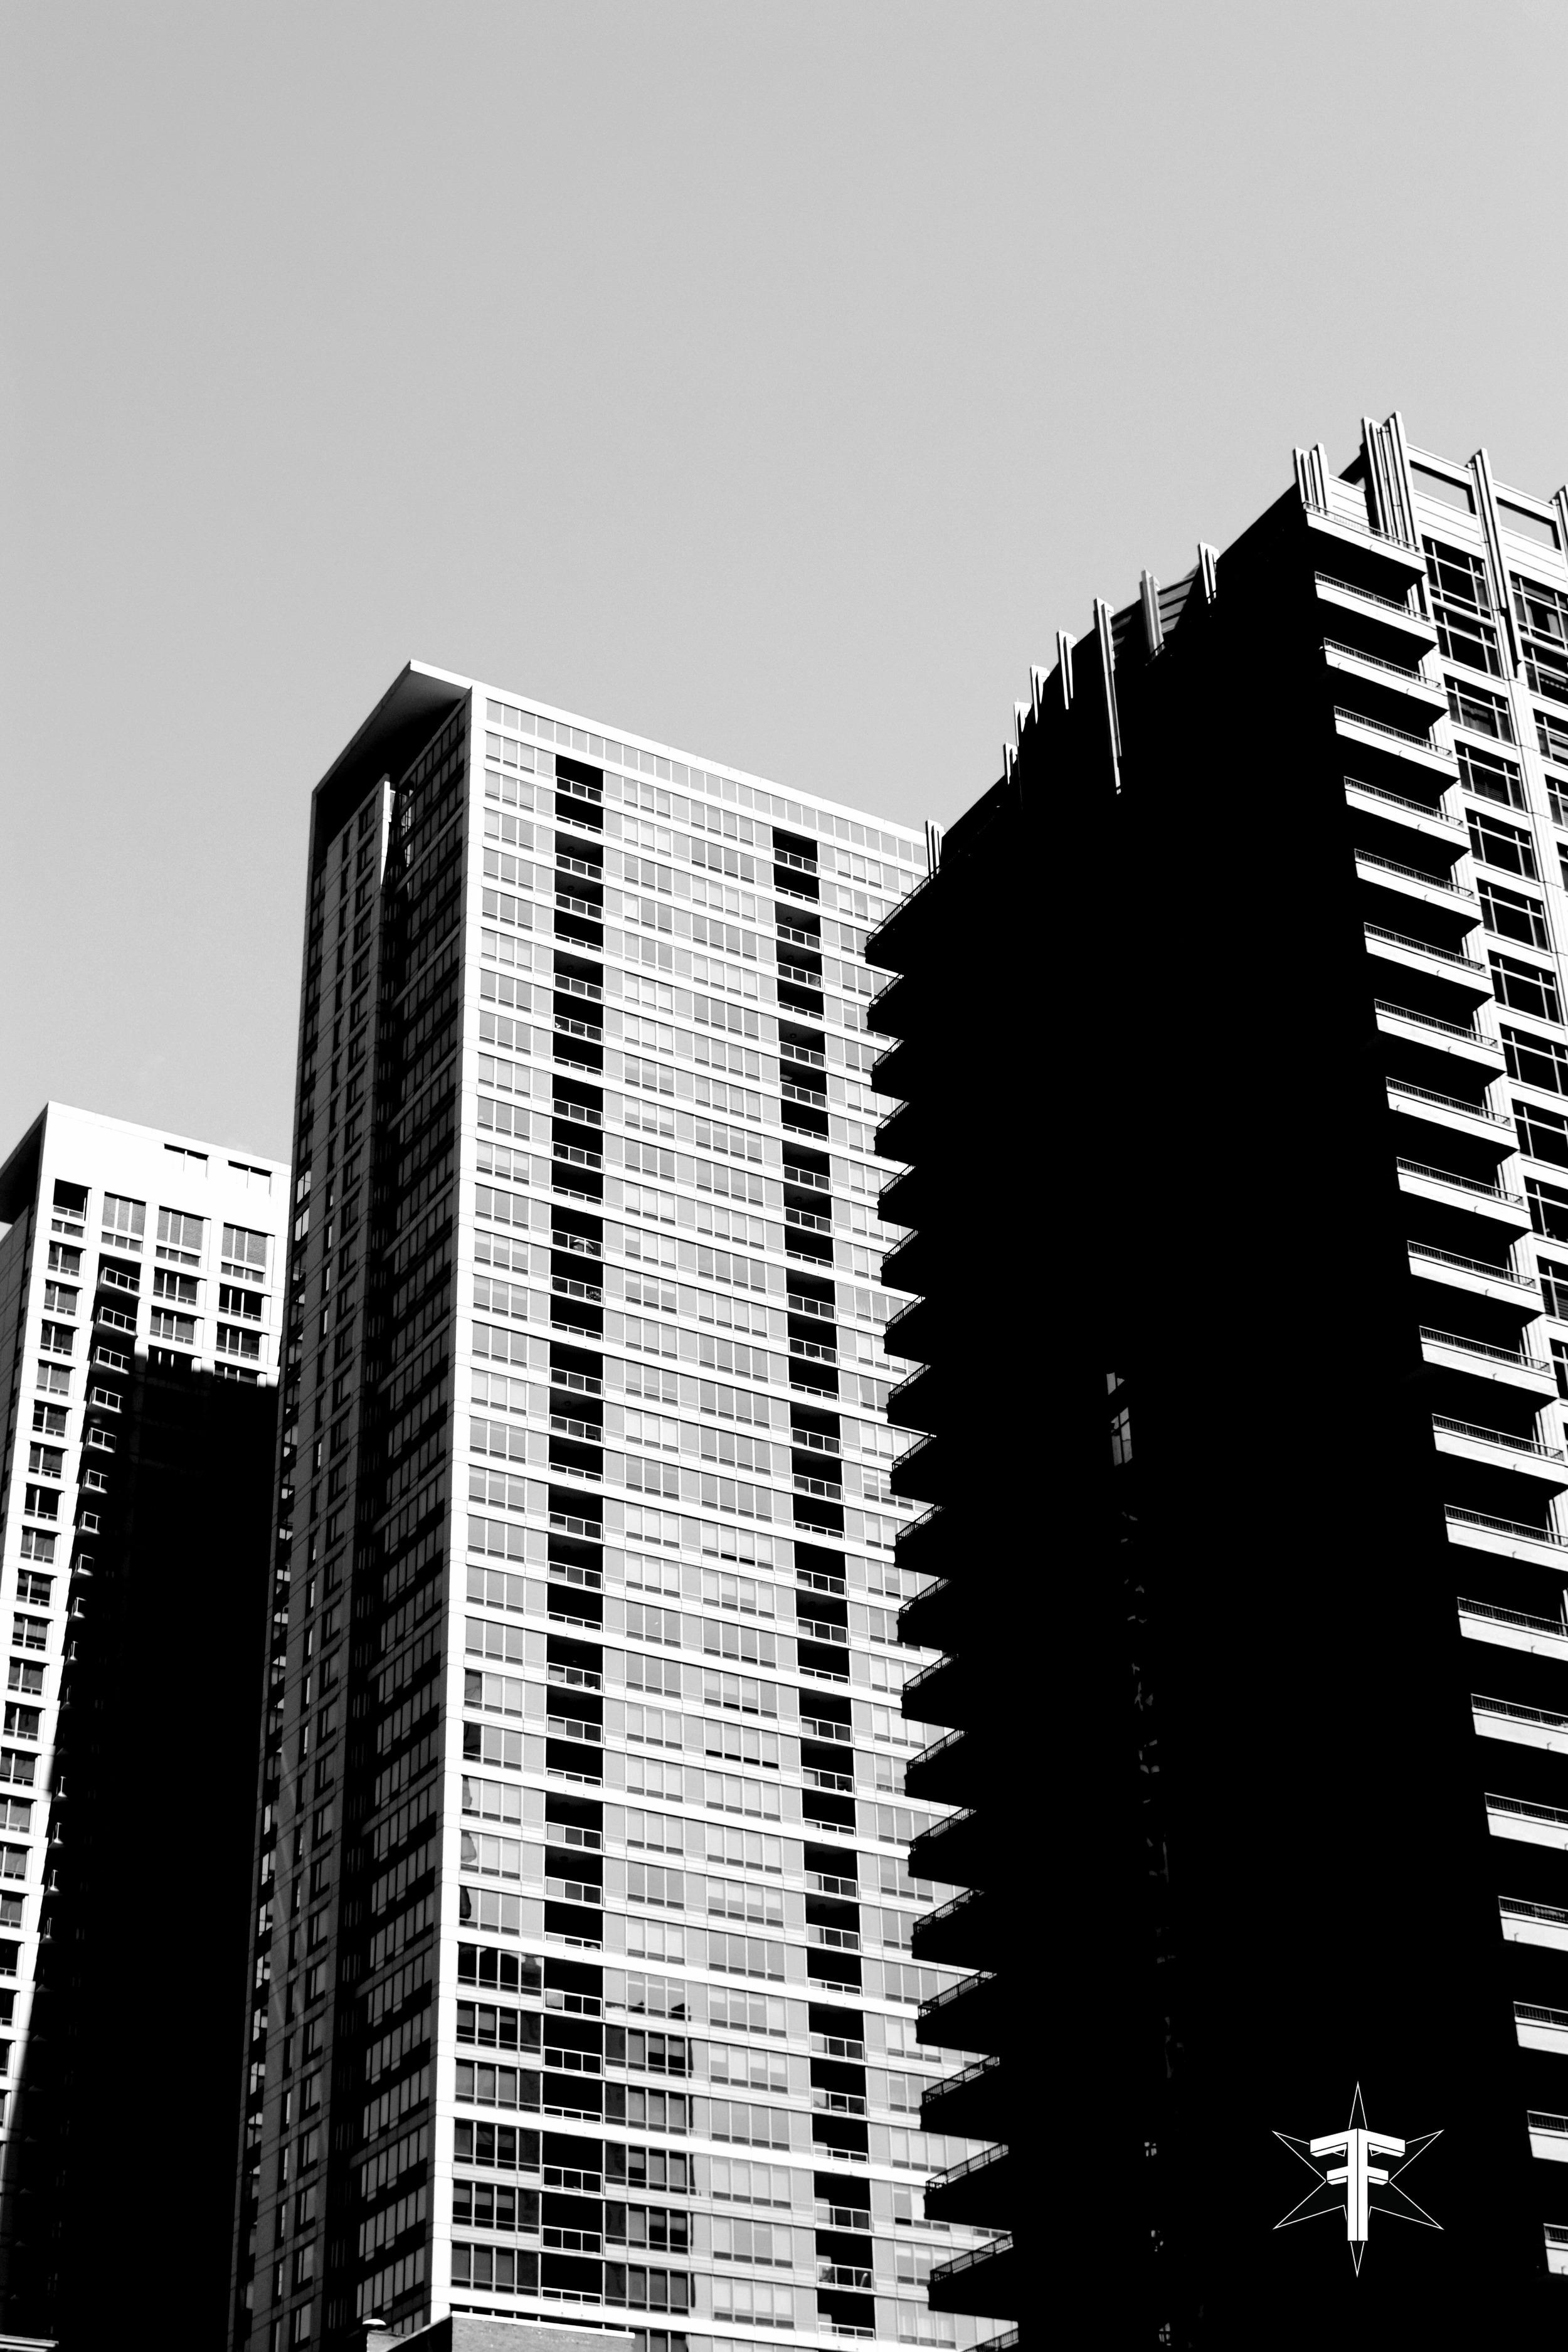 chicago architecture eric formato photography design arquitectura architettura buildings skyscraper skyscrapers-73.jpg